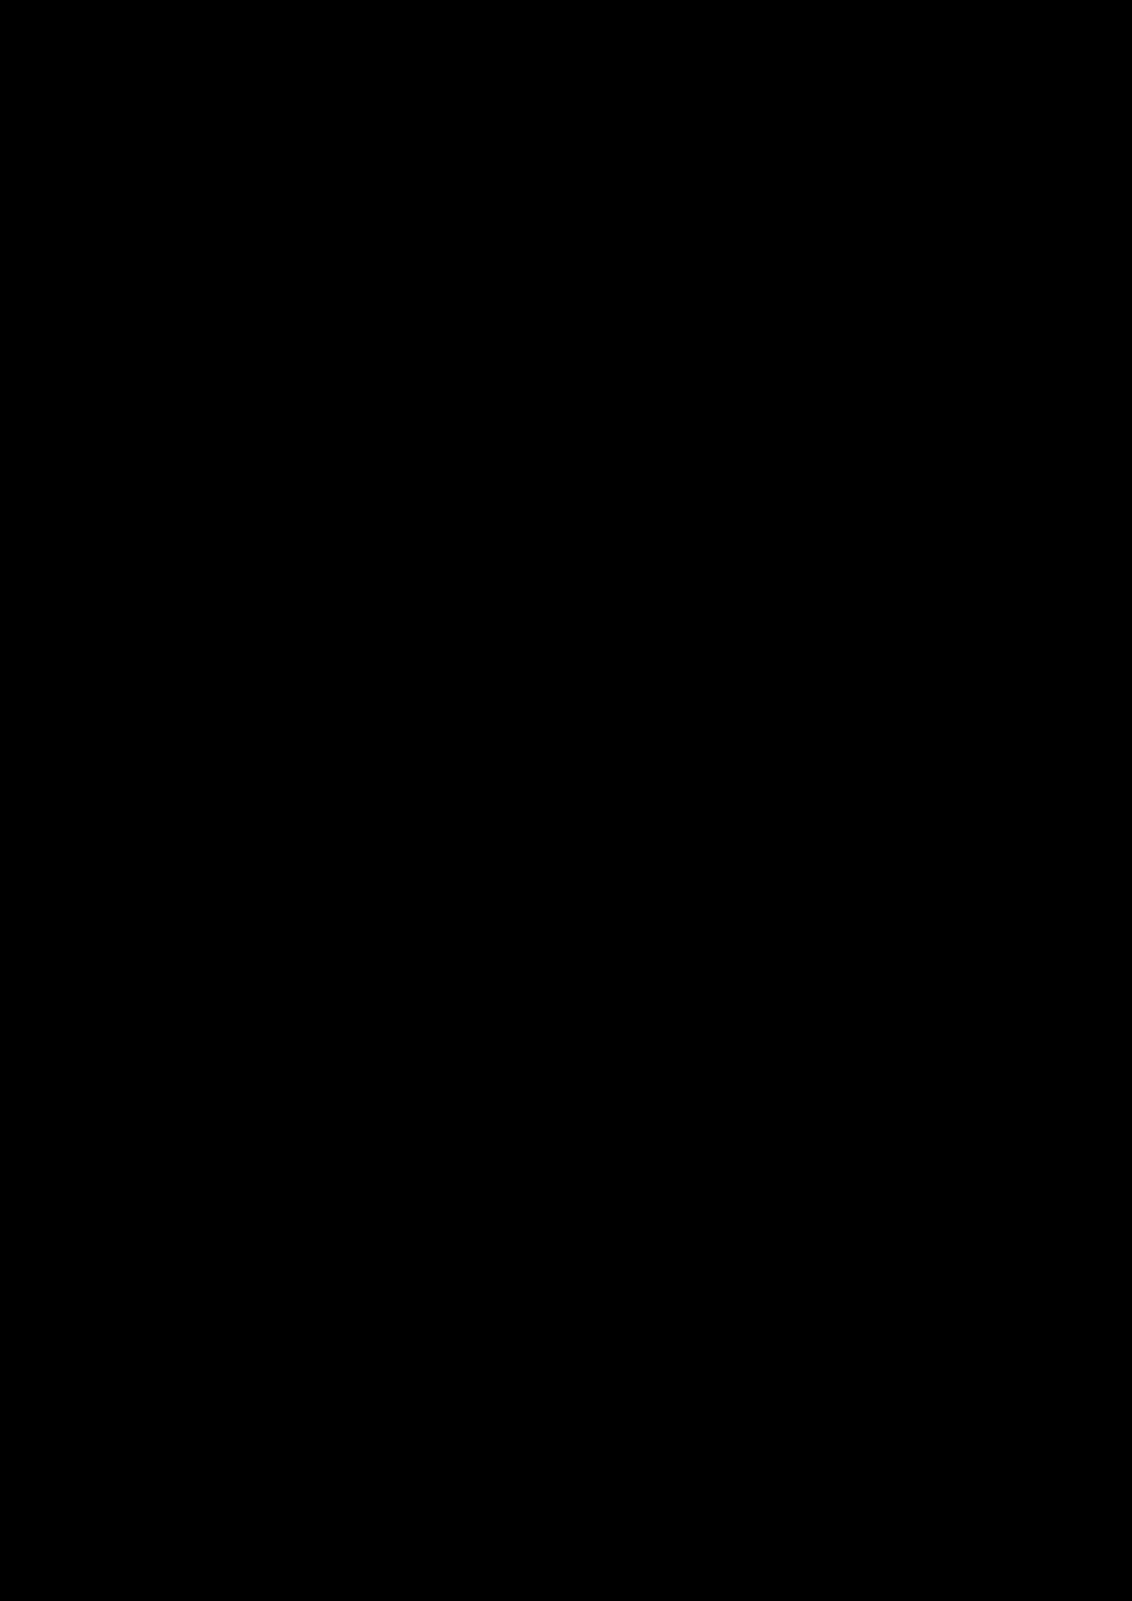 Proschanie s volshebnoy stranoy slide, Image 33